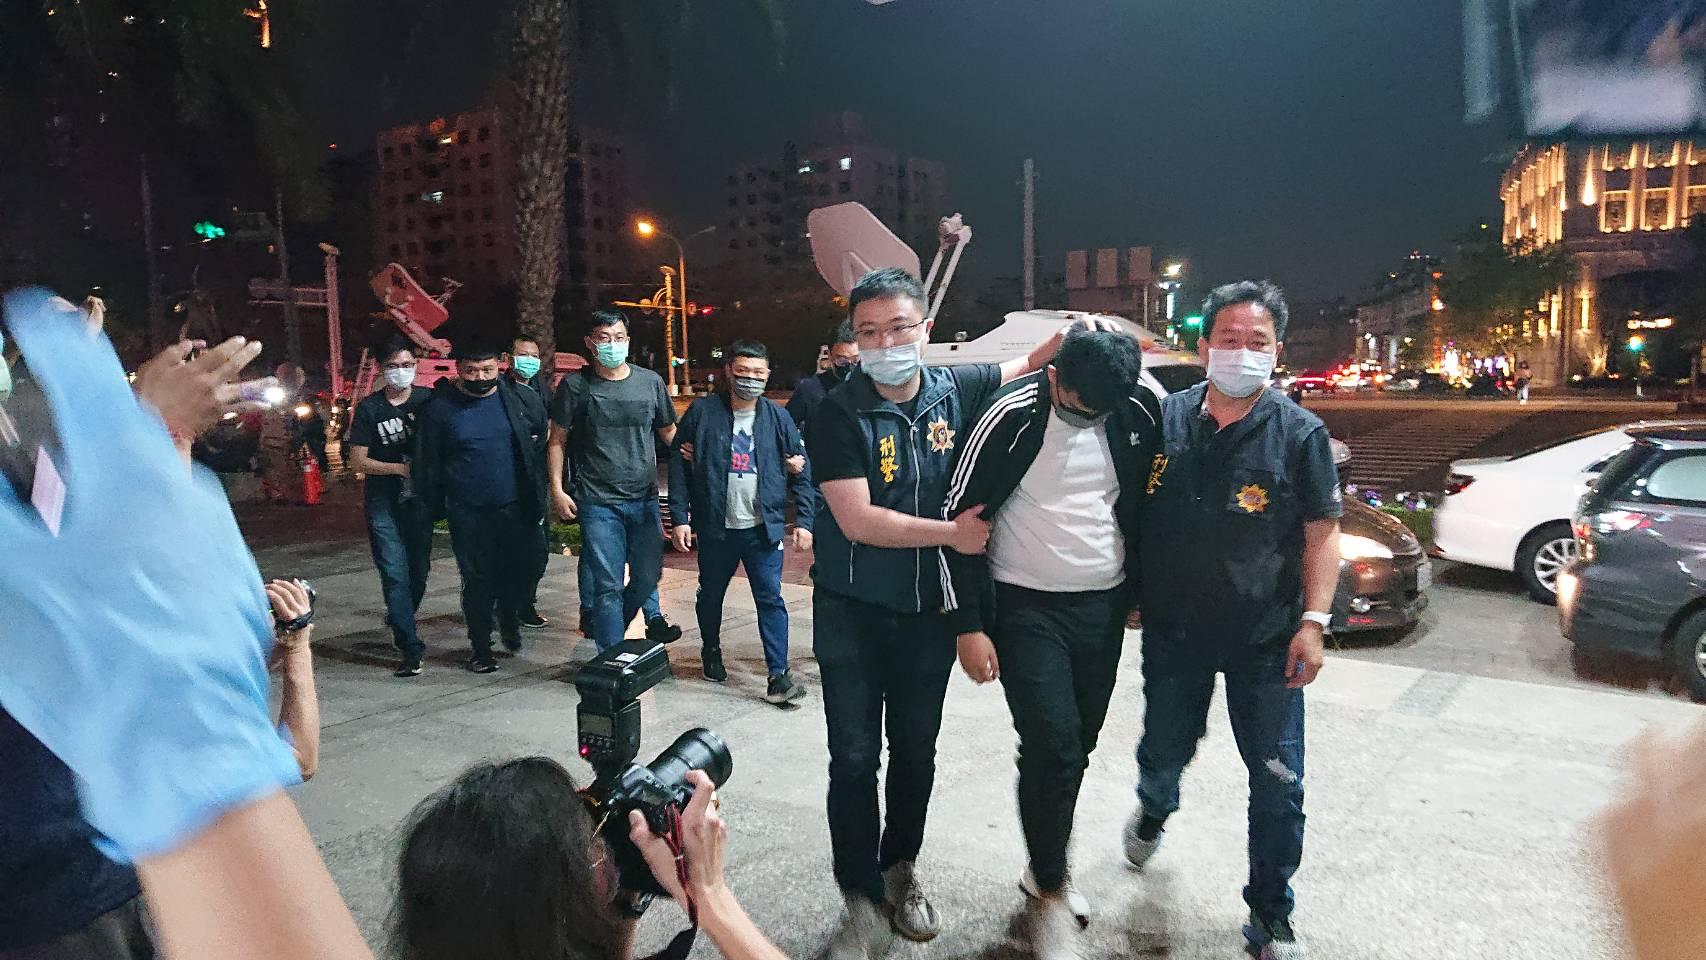 台中男子當街遭砍斷手掌  警方40分鐘內逮捕3名兇嫌